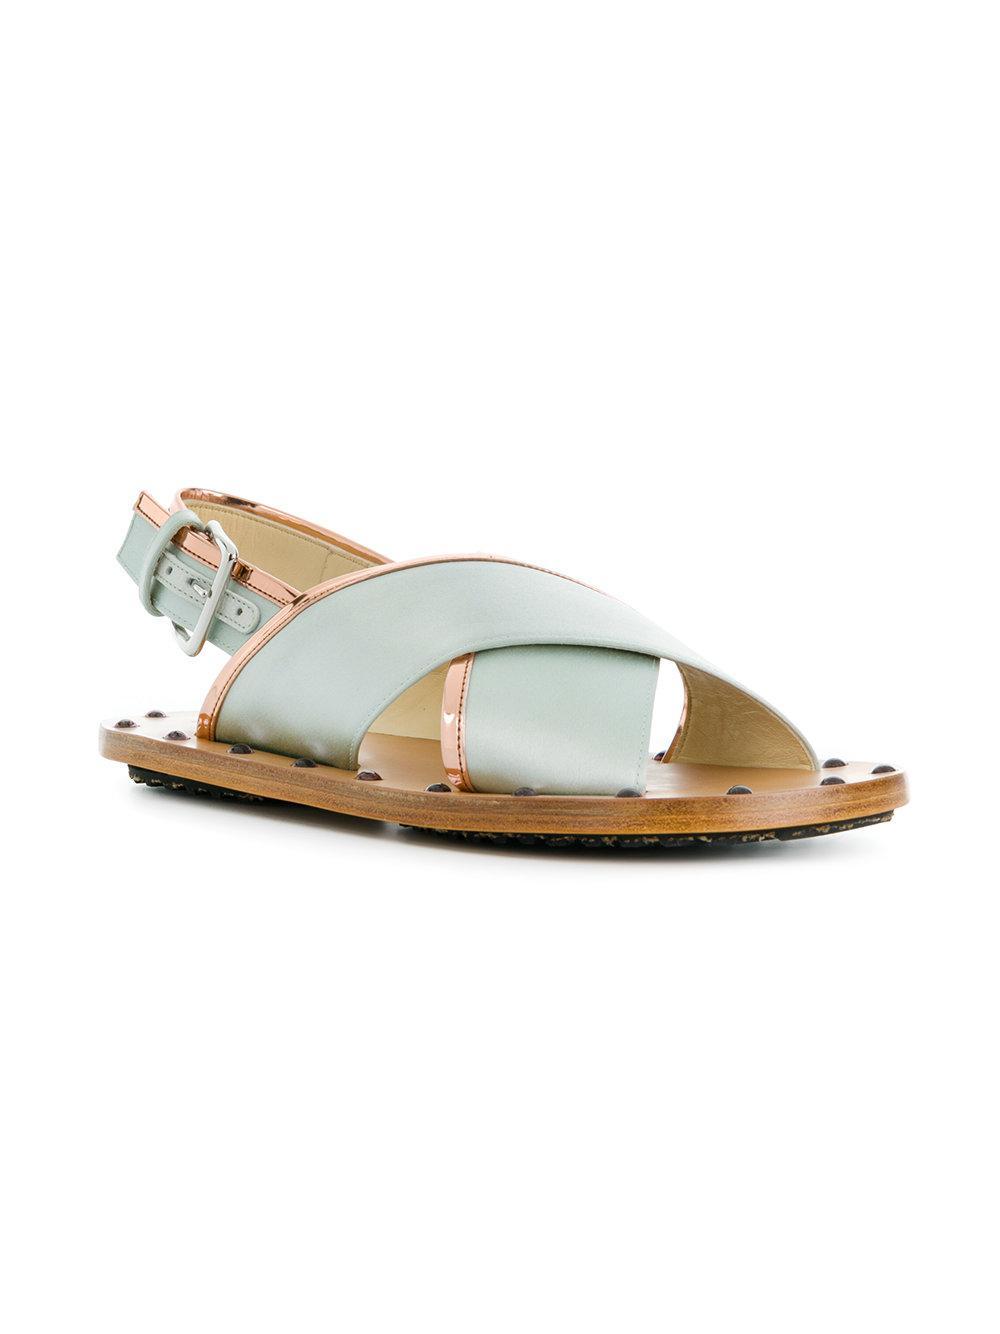 cross over strap sandals - Multicolour Marni 0RgvXub